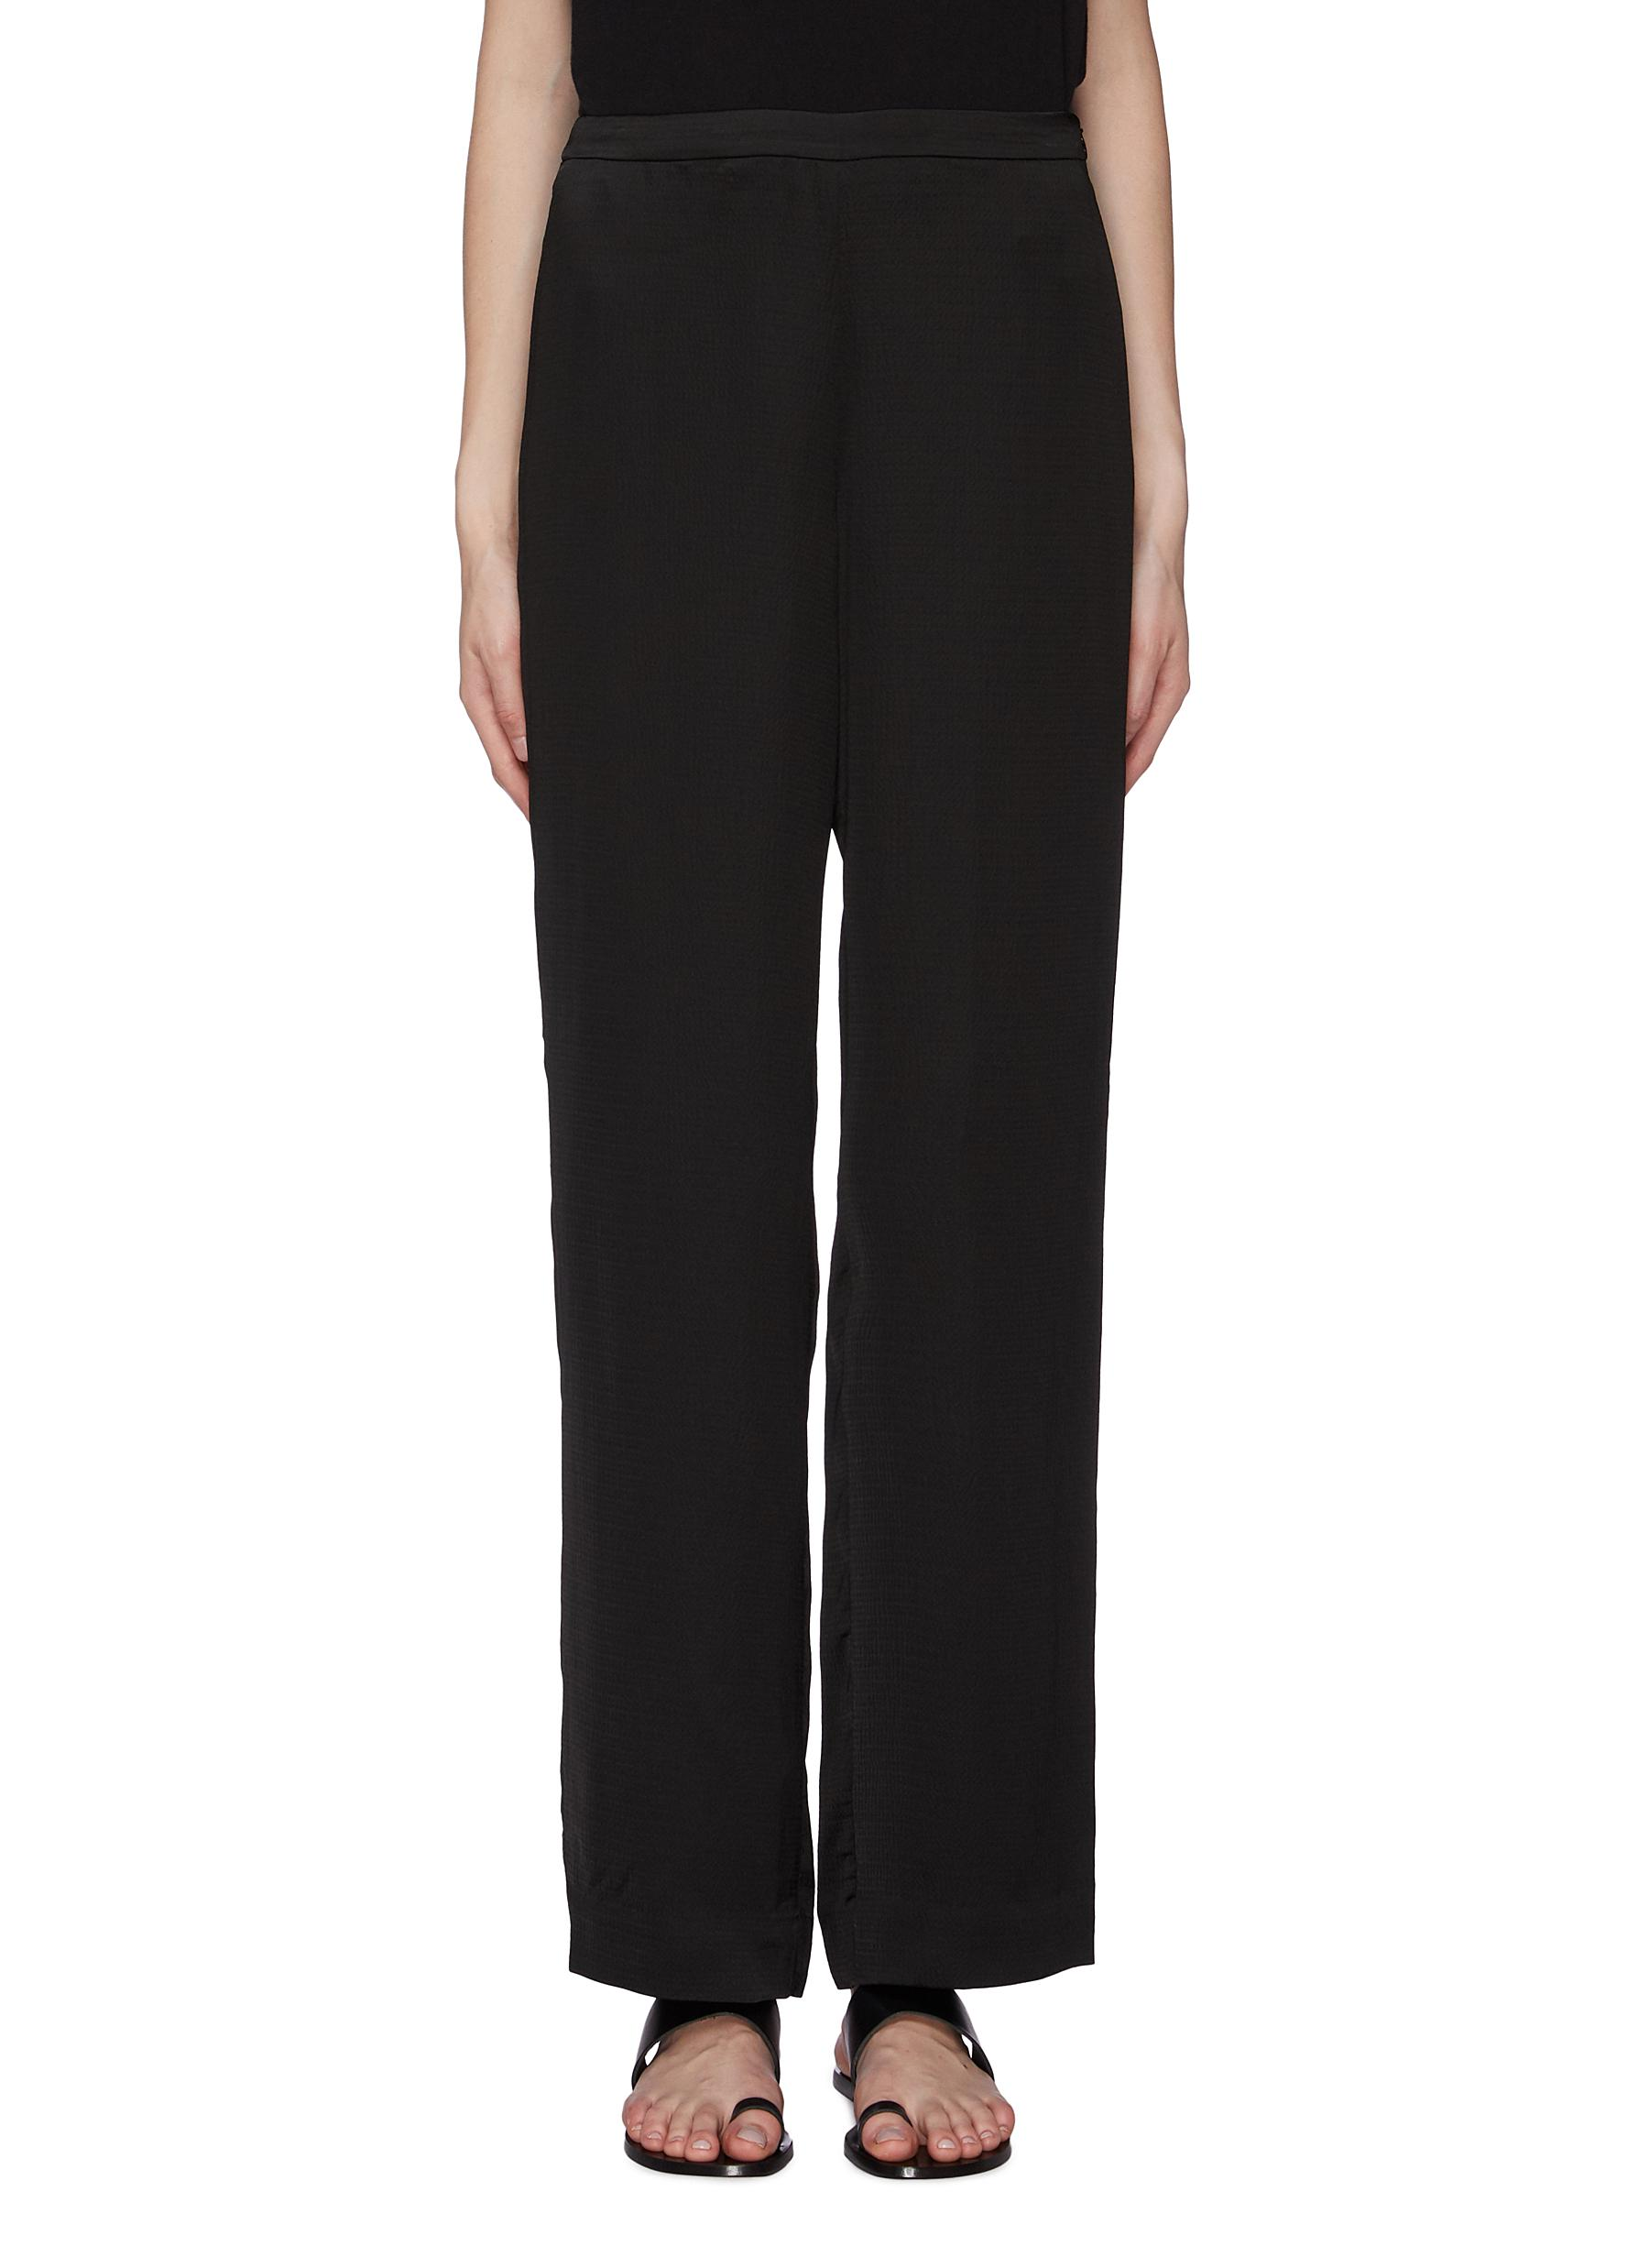 Straight leg pyjama pants by Theory